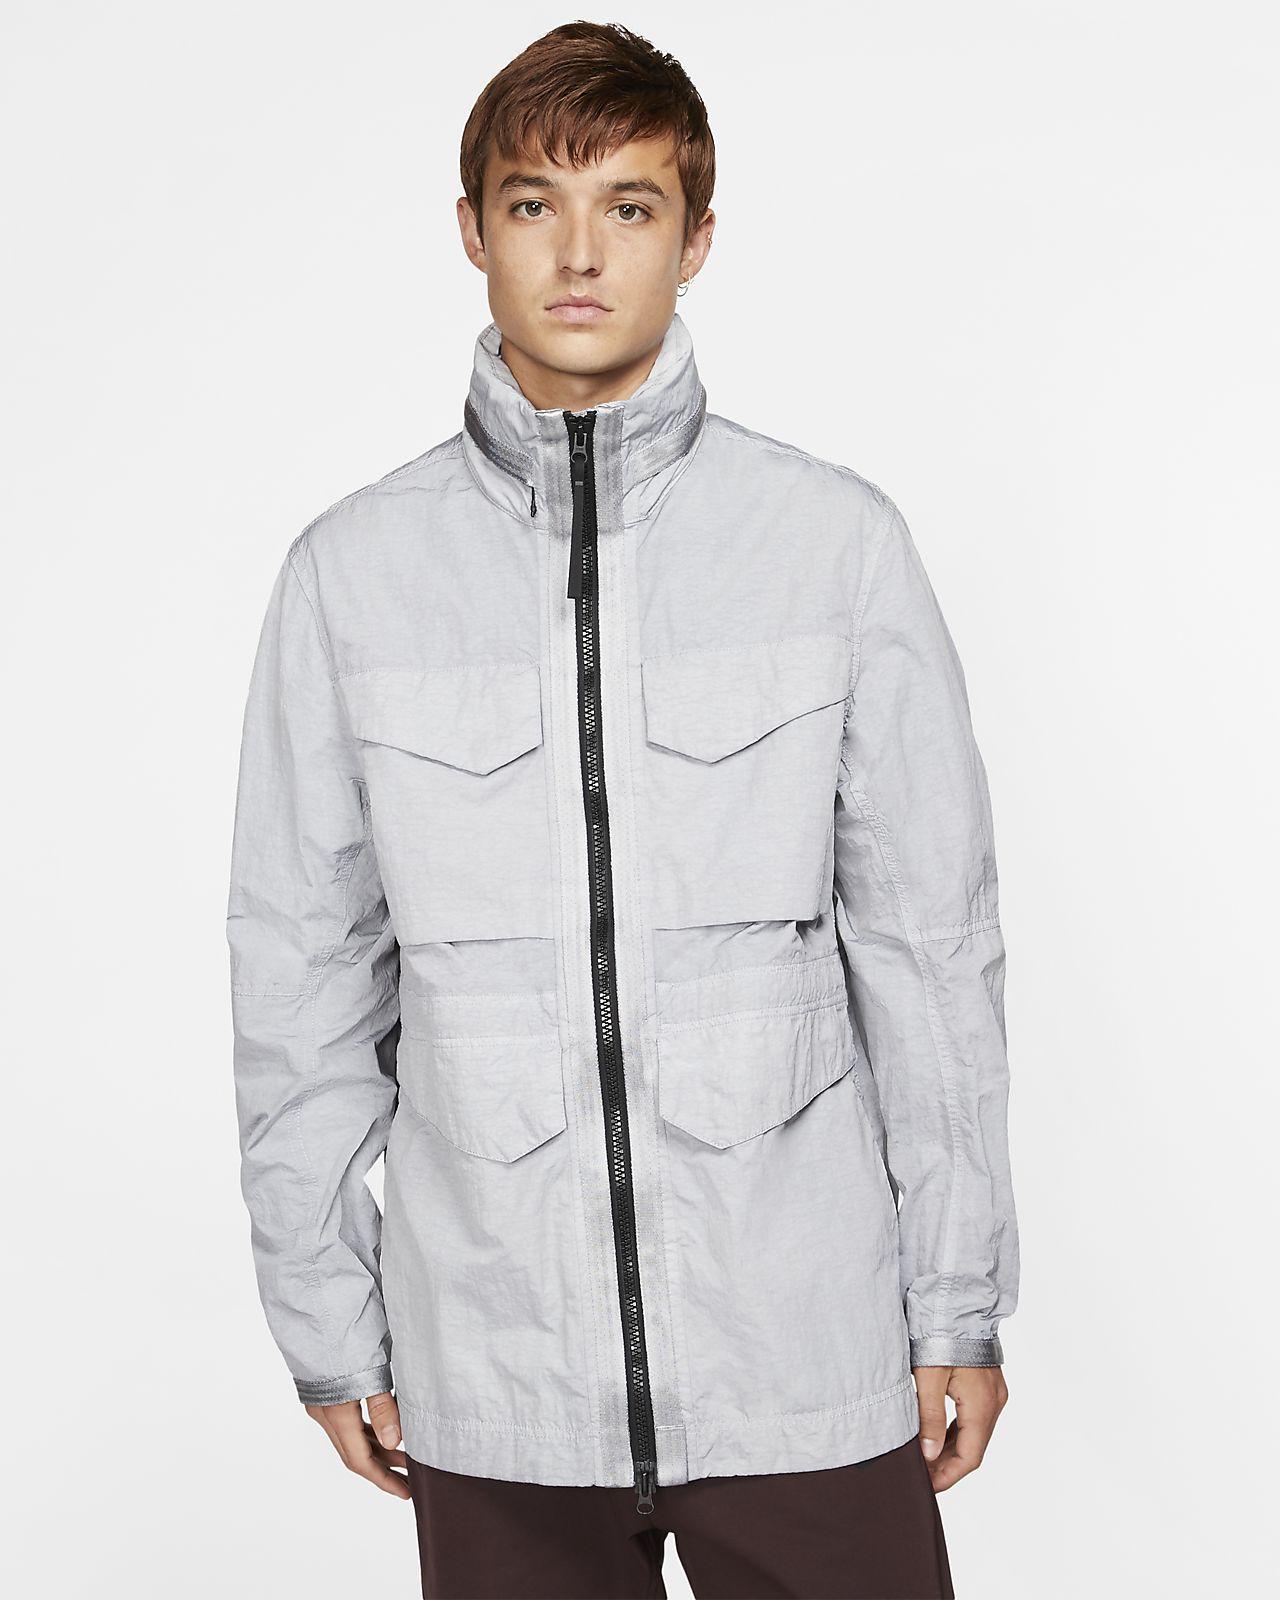 giacca nike uomo sportswear